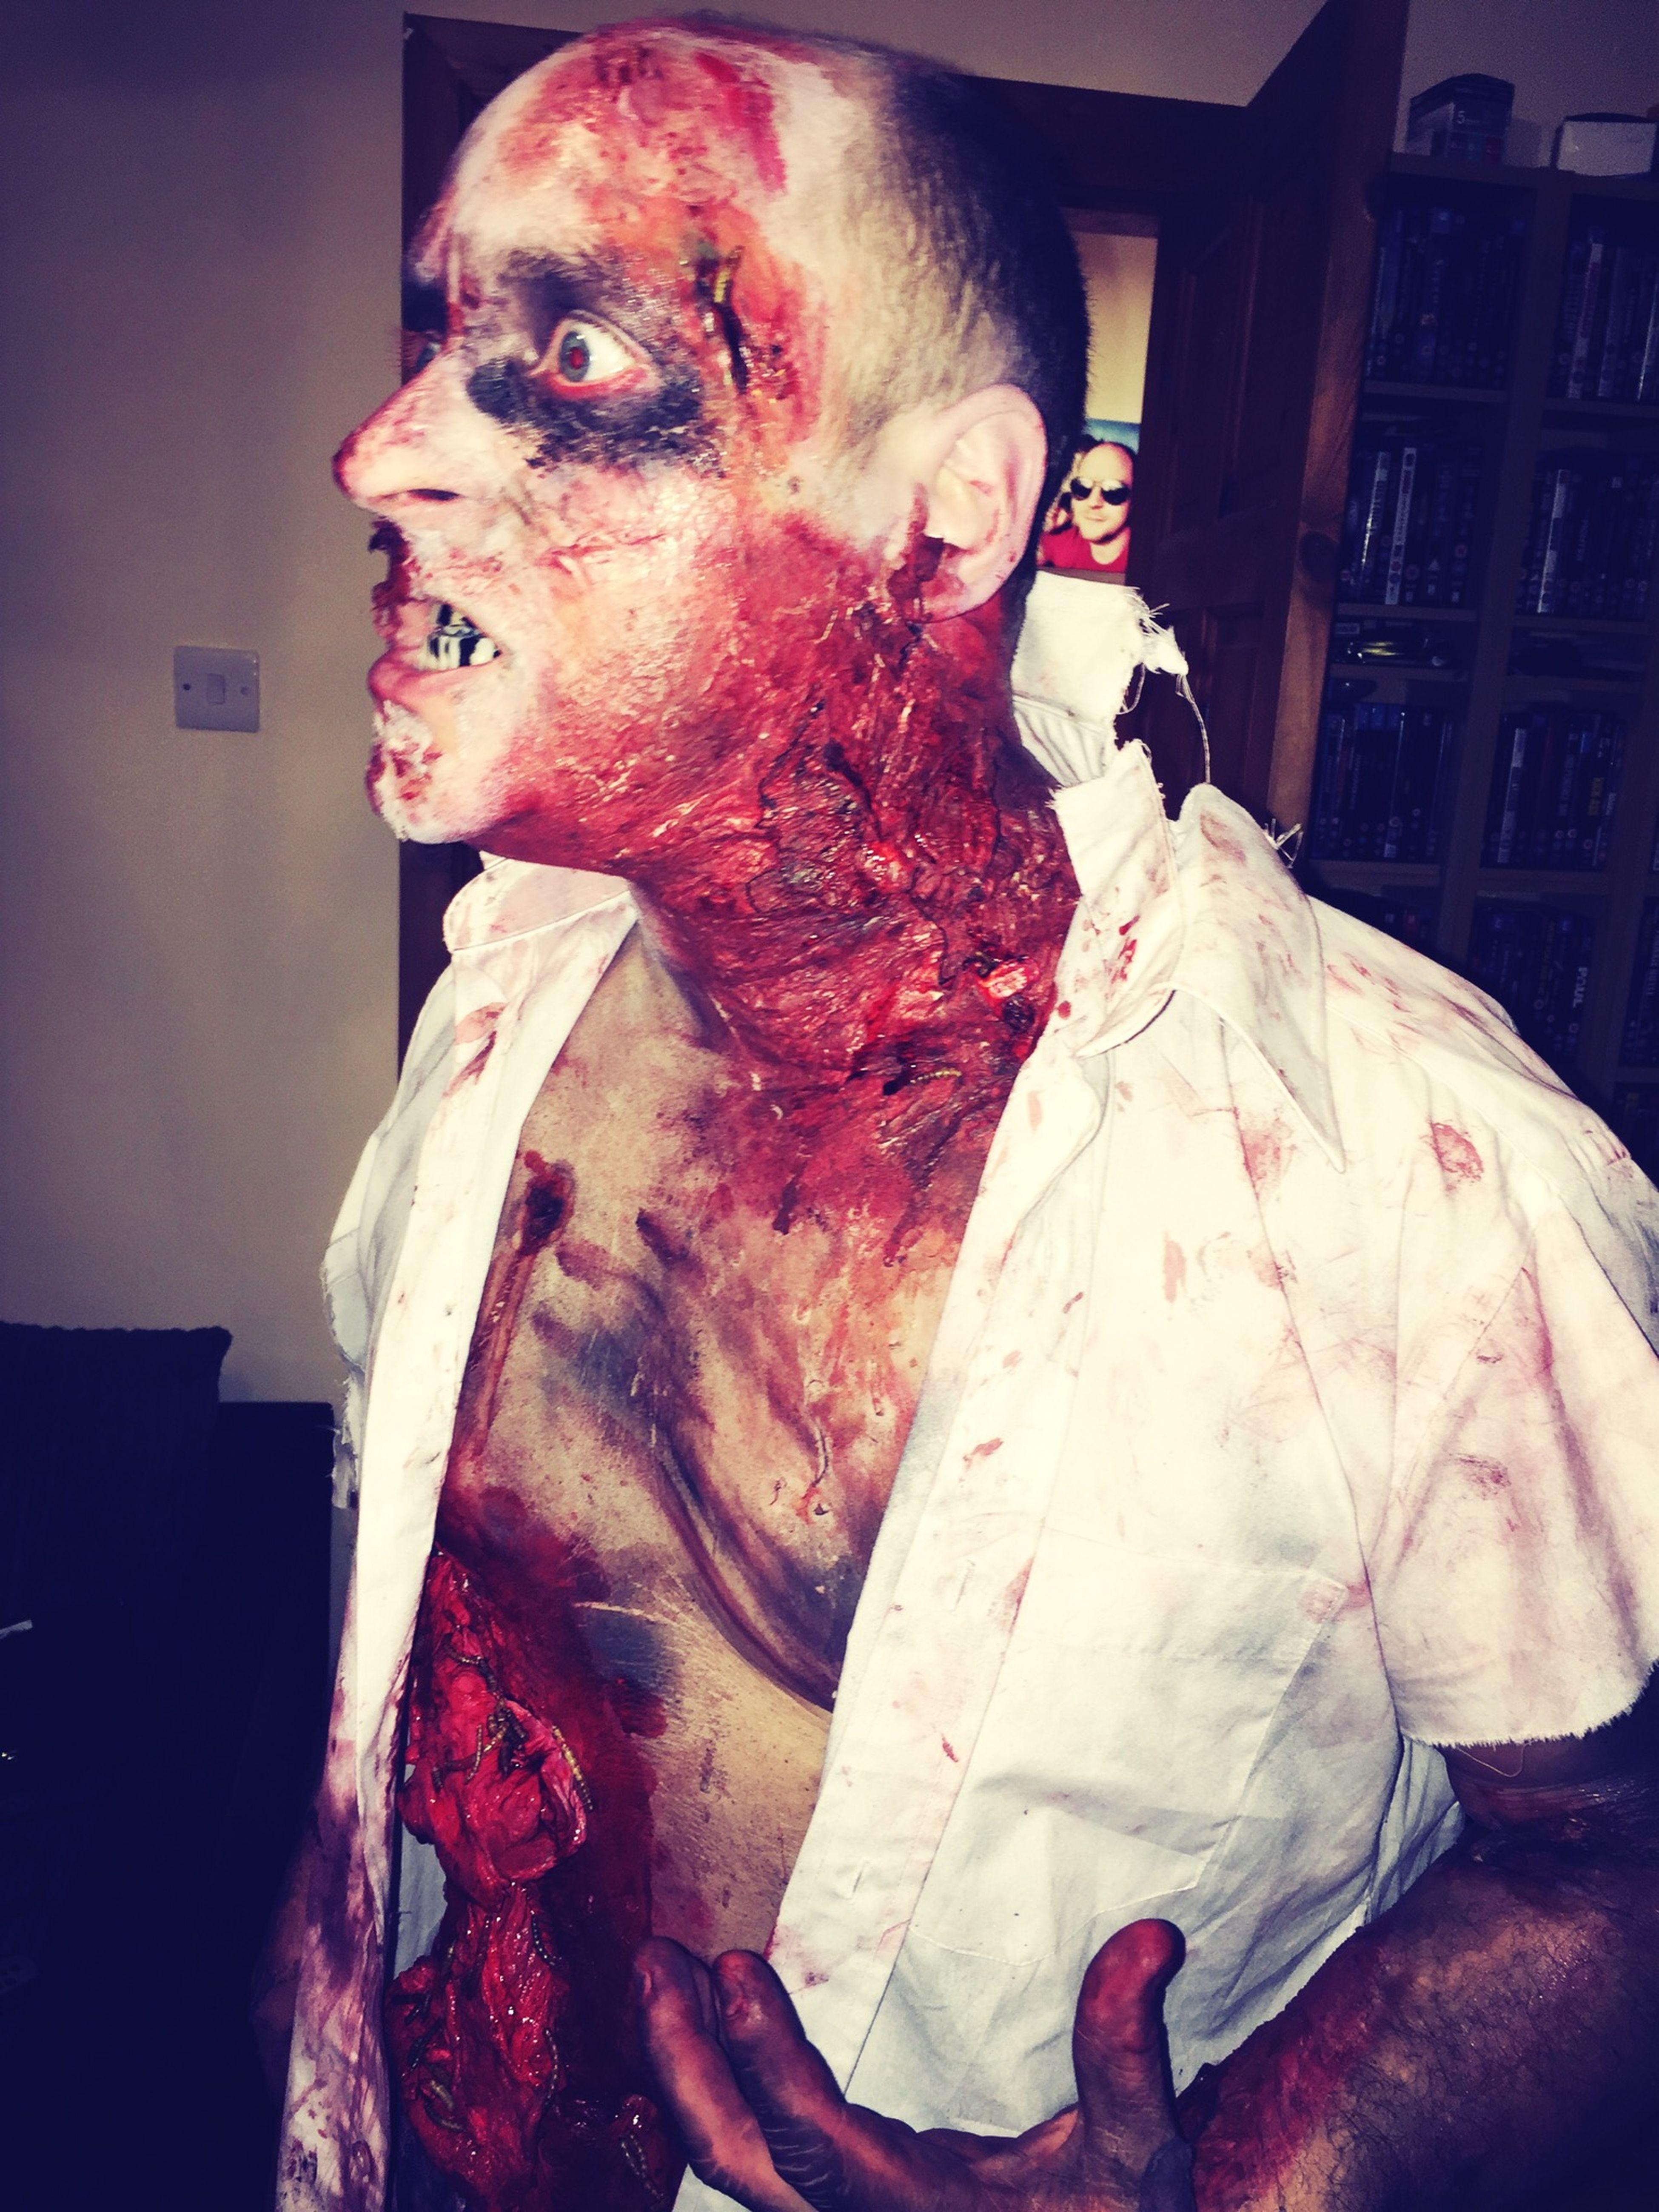 Halloween Zombie The Walking Dead